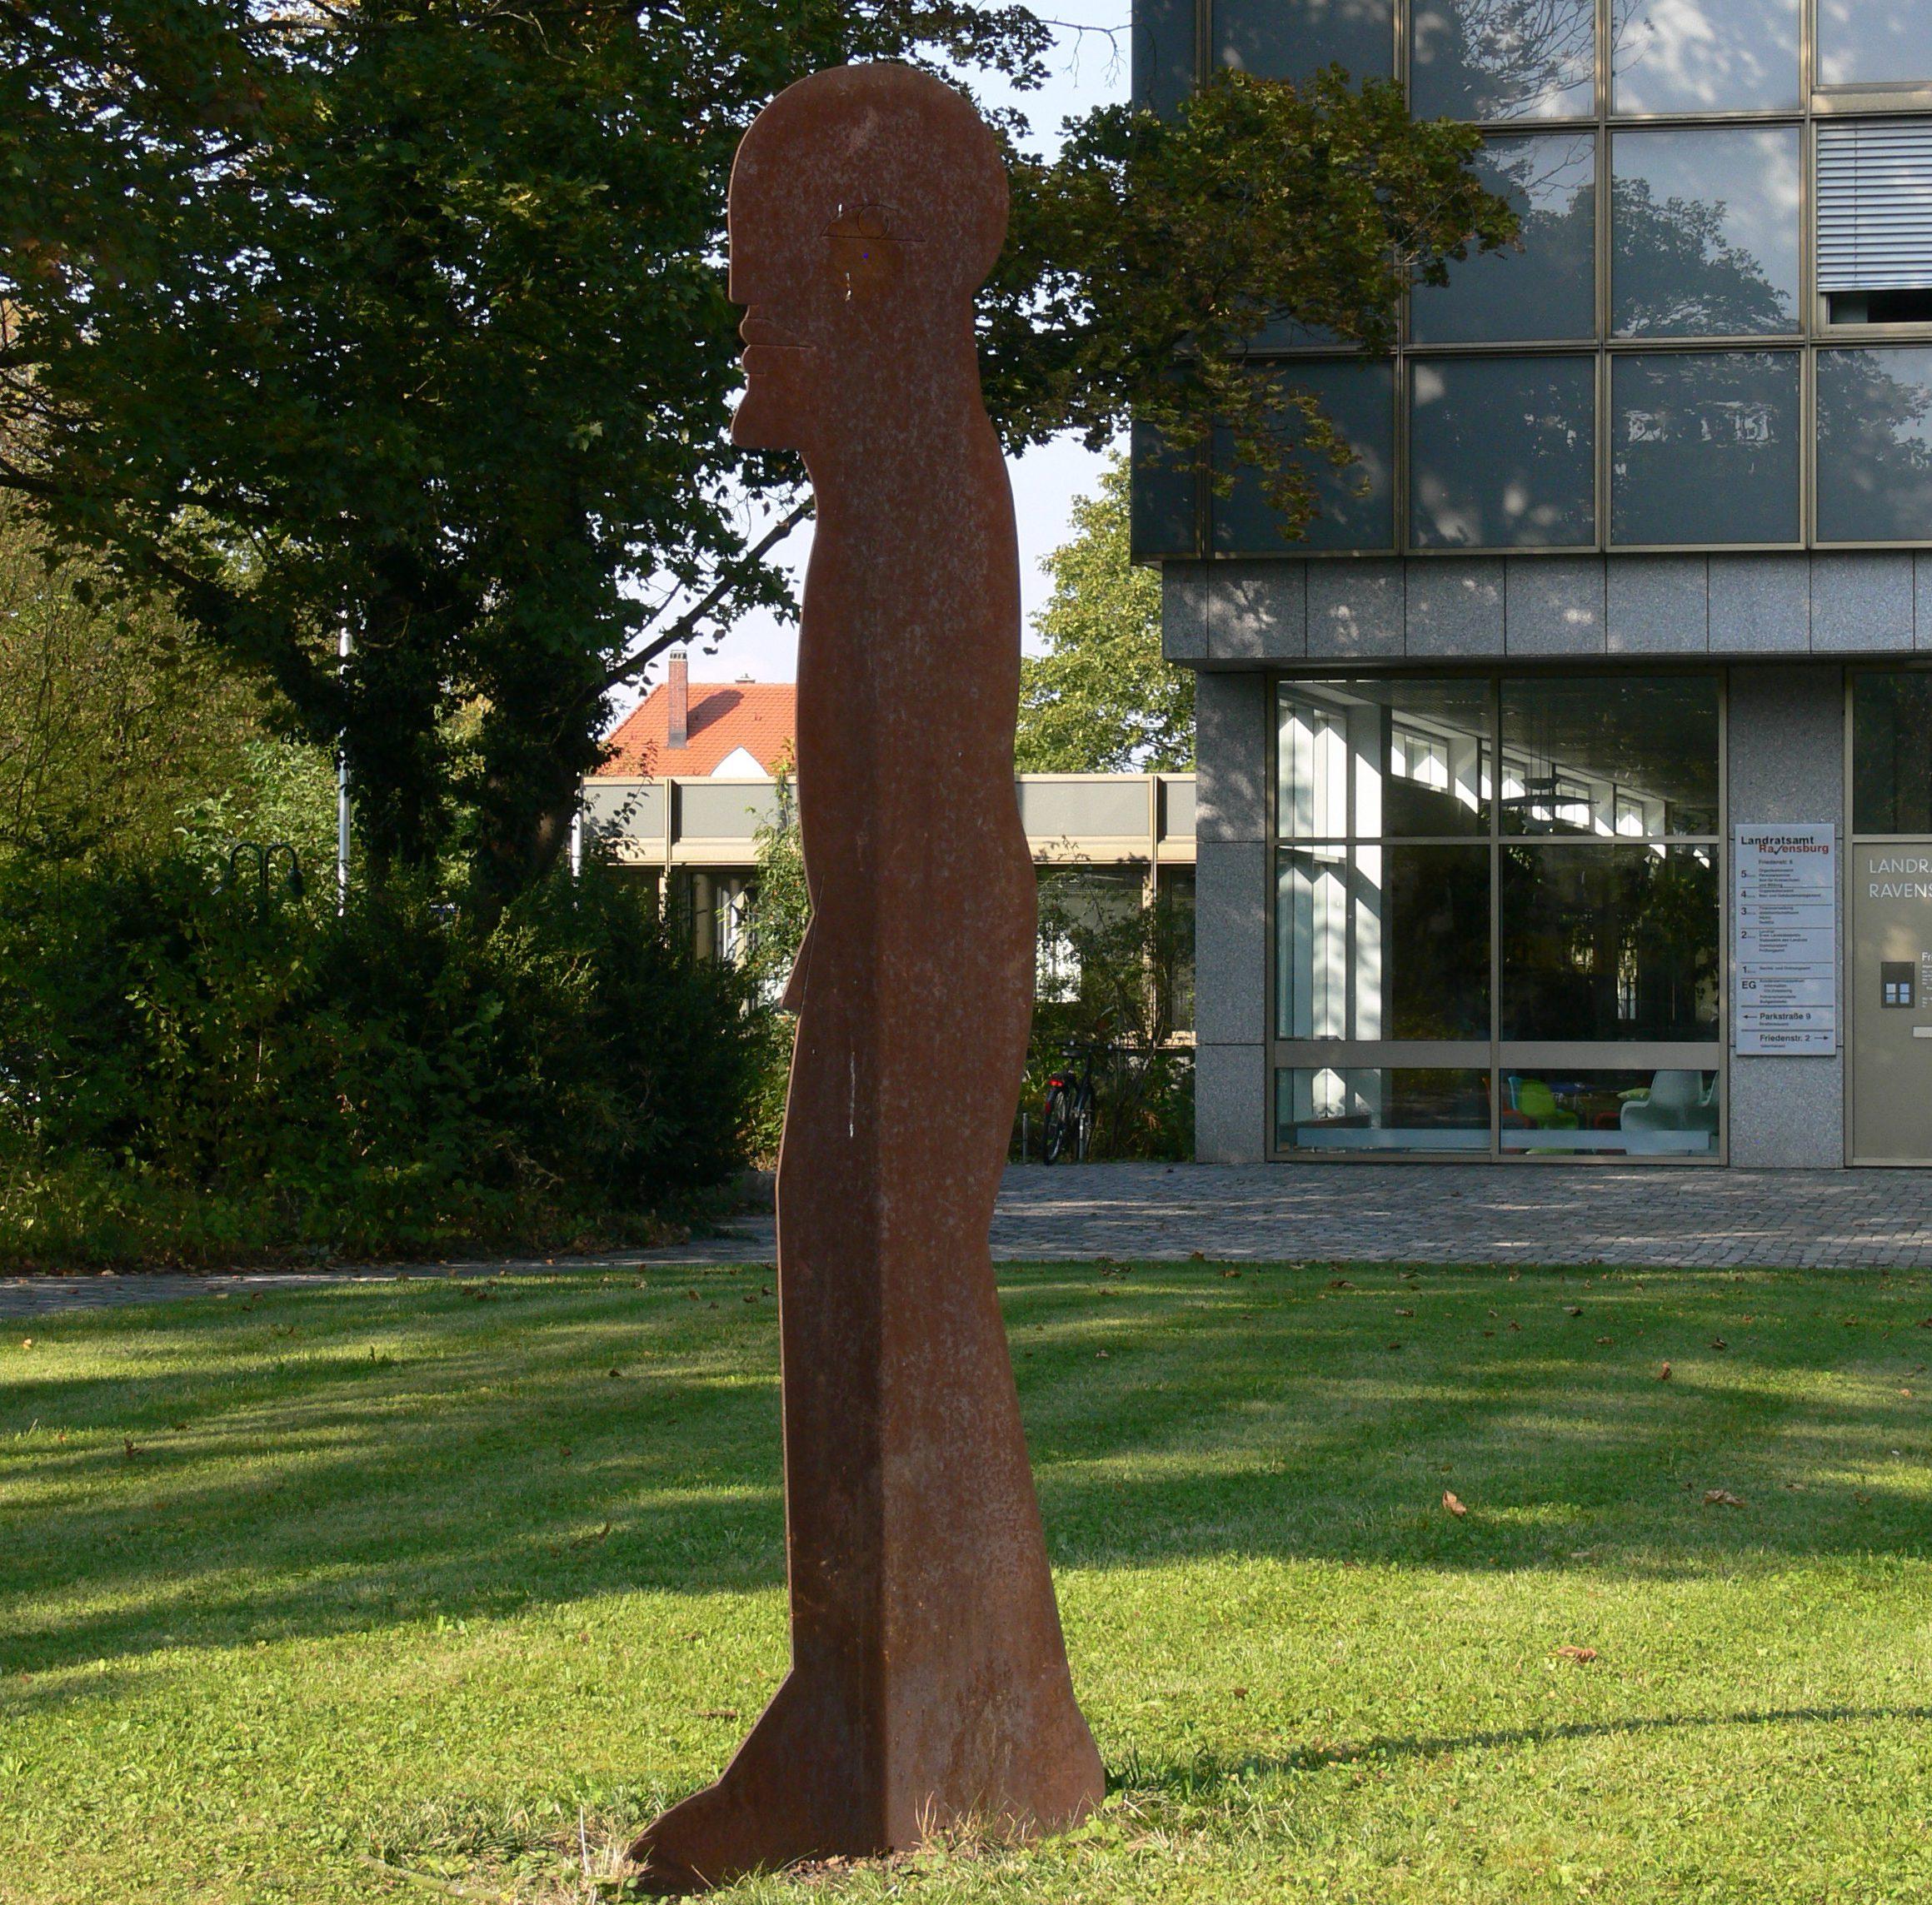 Skulptur von Horst Antes in Ravensburg, Park vor dem Landratsamt